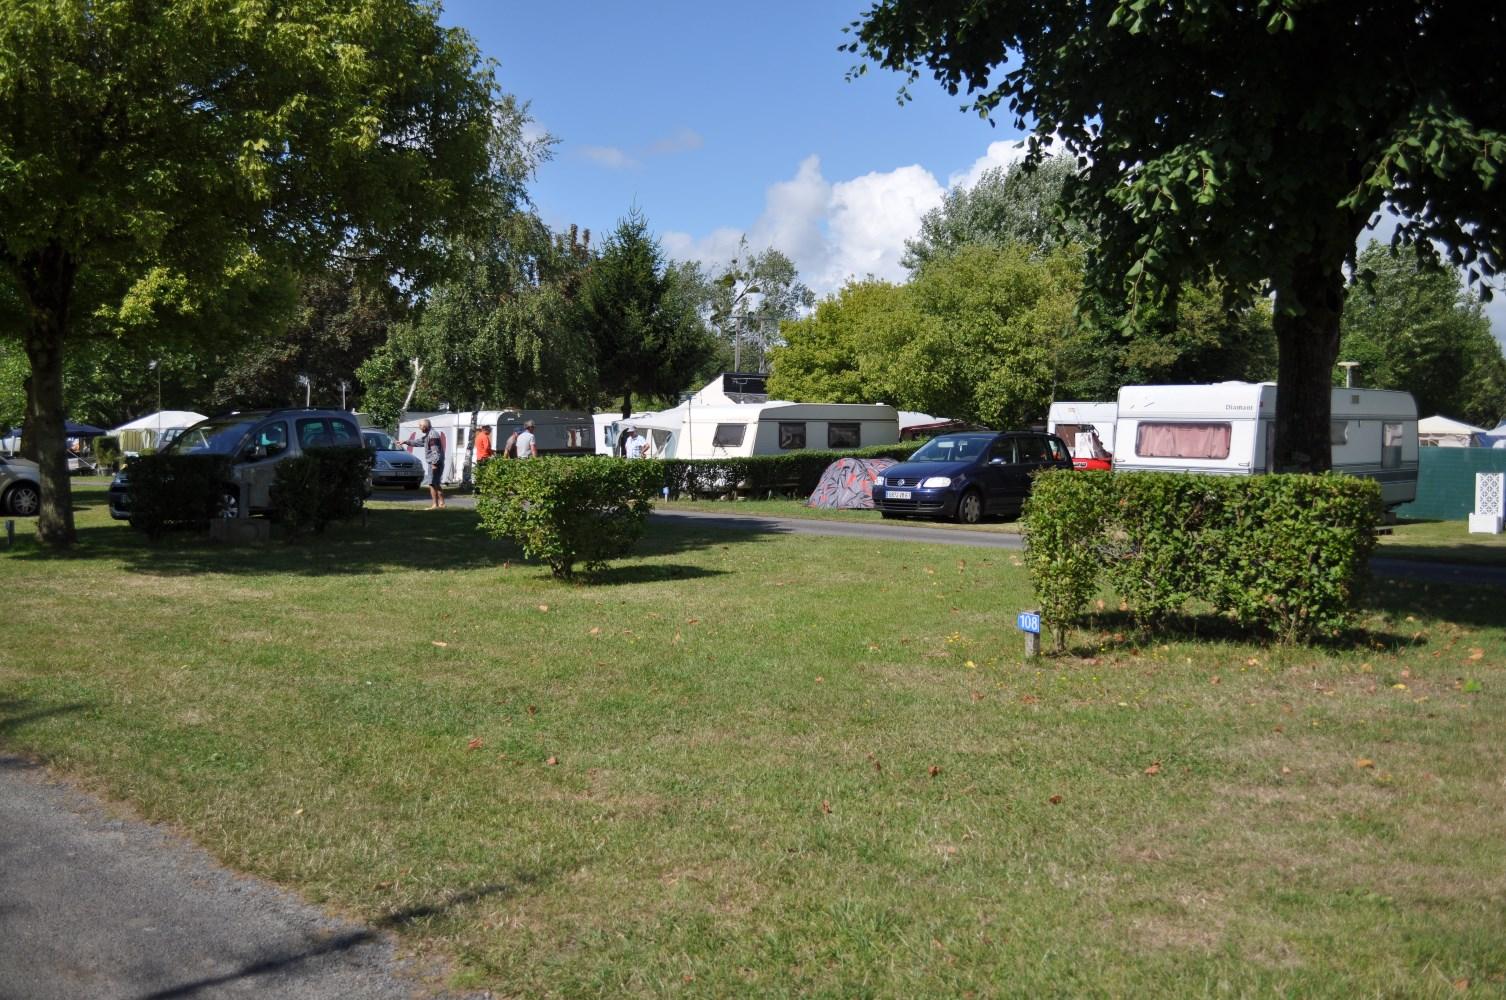 Location Emplacements Camping Caravaning Au Au Camping De La Chanterie, Camping  Avec Piscine Chauffée, ...